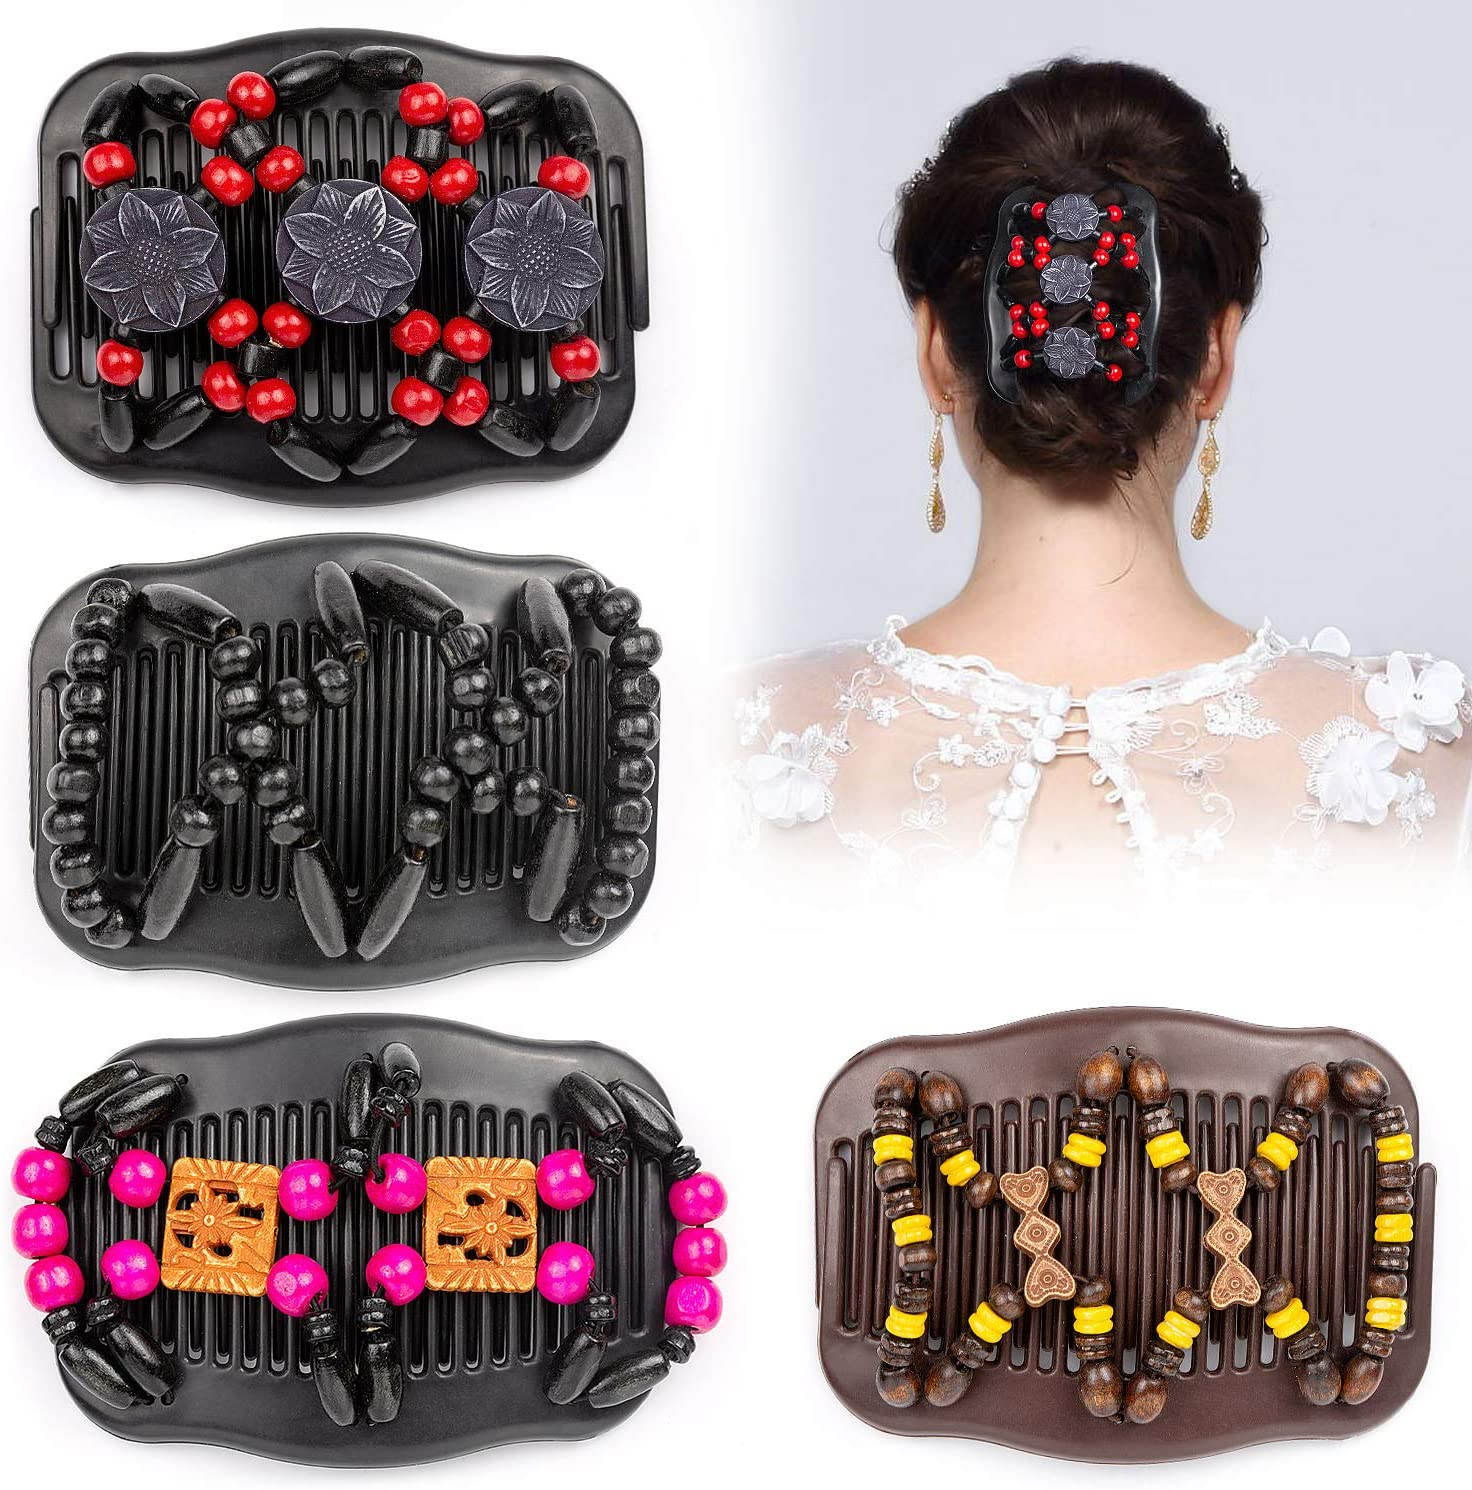 Wodasi Estirar Combs Magic Hair Clips, 4 Pcs Magic Hair Comb, Moda Mágica Peine, Pelo Elástico Mágico Peineta, Peinetas de pelo Pinzas de Pelo Elástica, Pinzas de Pelo Elástica Mágica